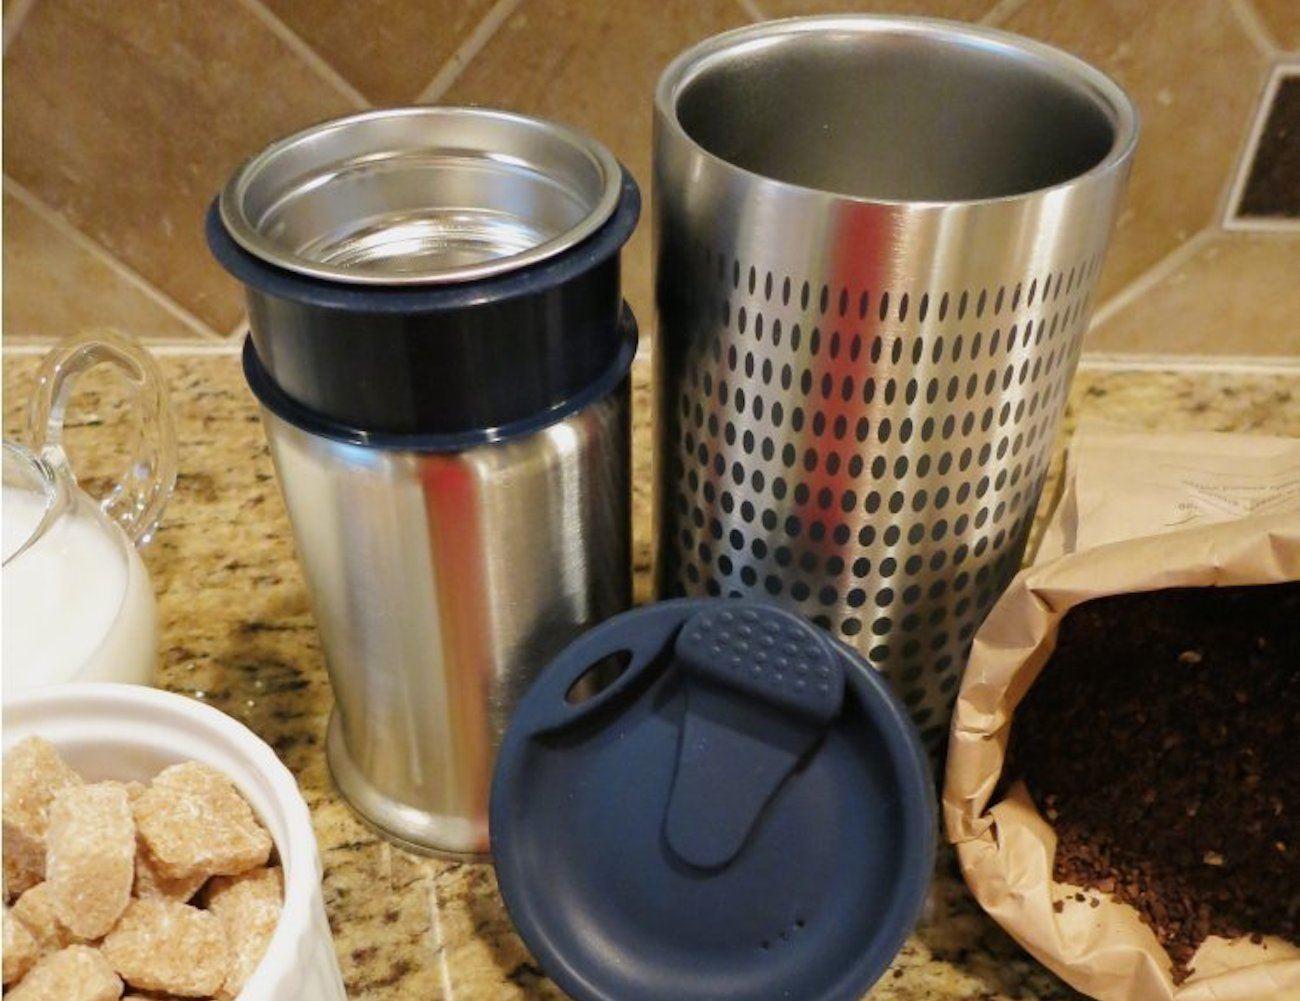 bobble Presse Portable Coffee Brewer